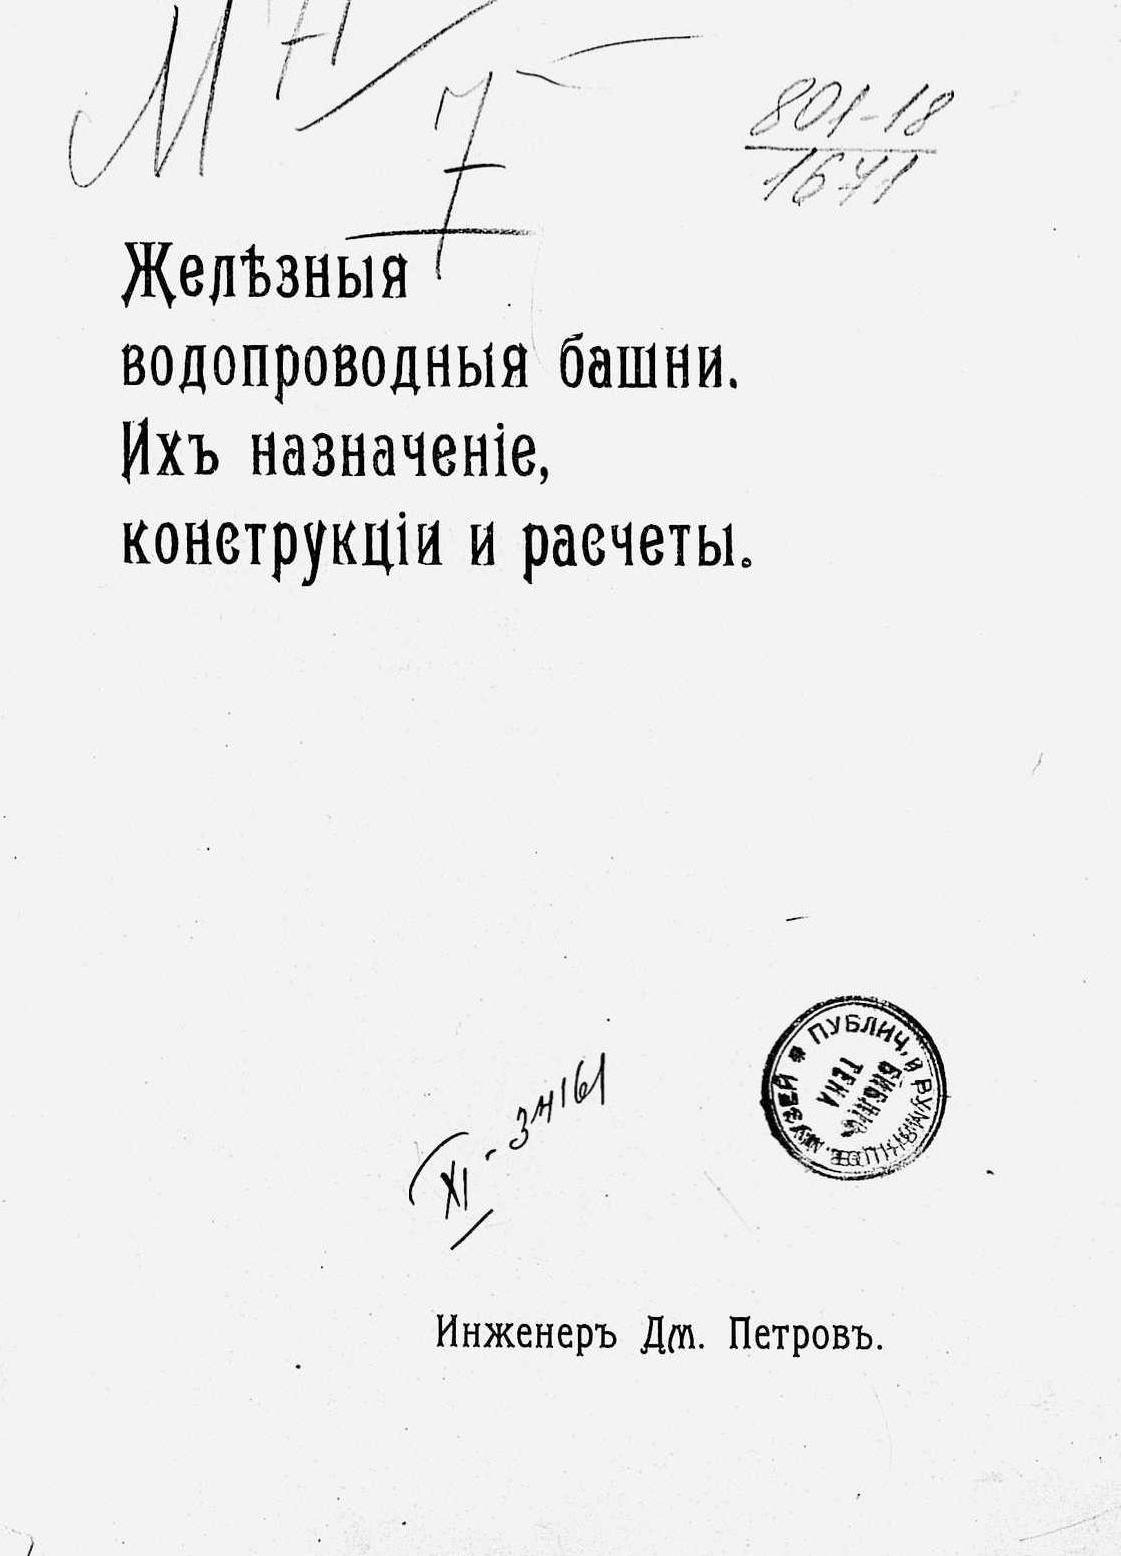 petrov-zheleznye-vodoprovodnye-bashni-1911_Page1.jpg